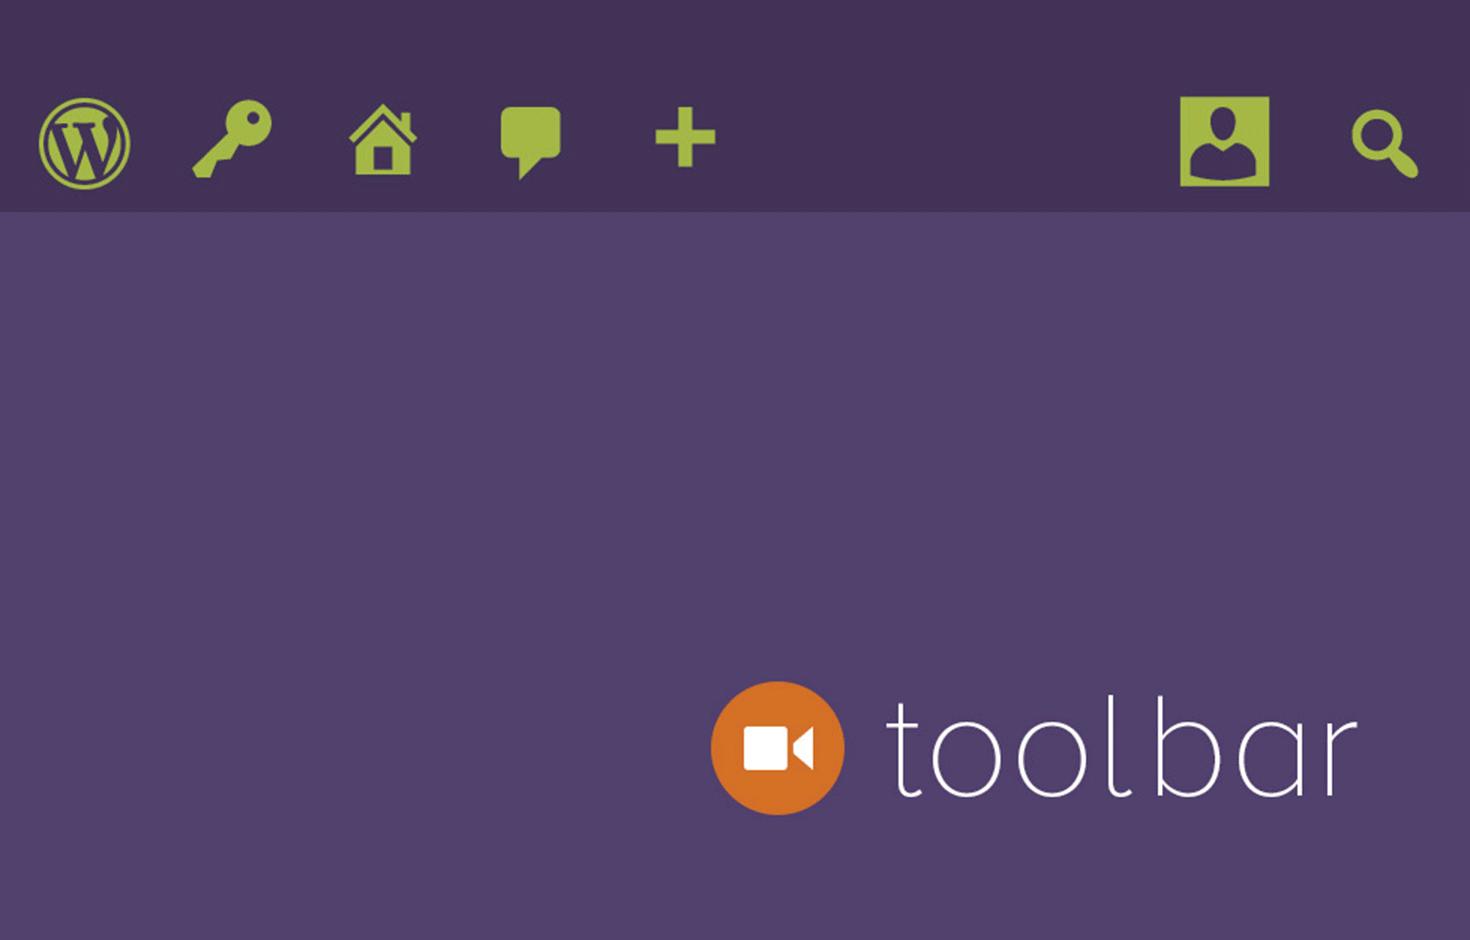 toolbar-thumb-1470x940